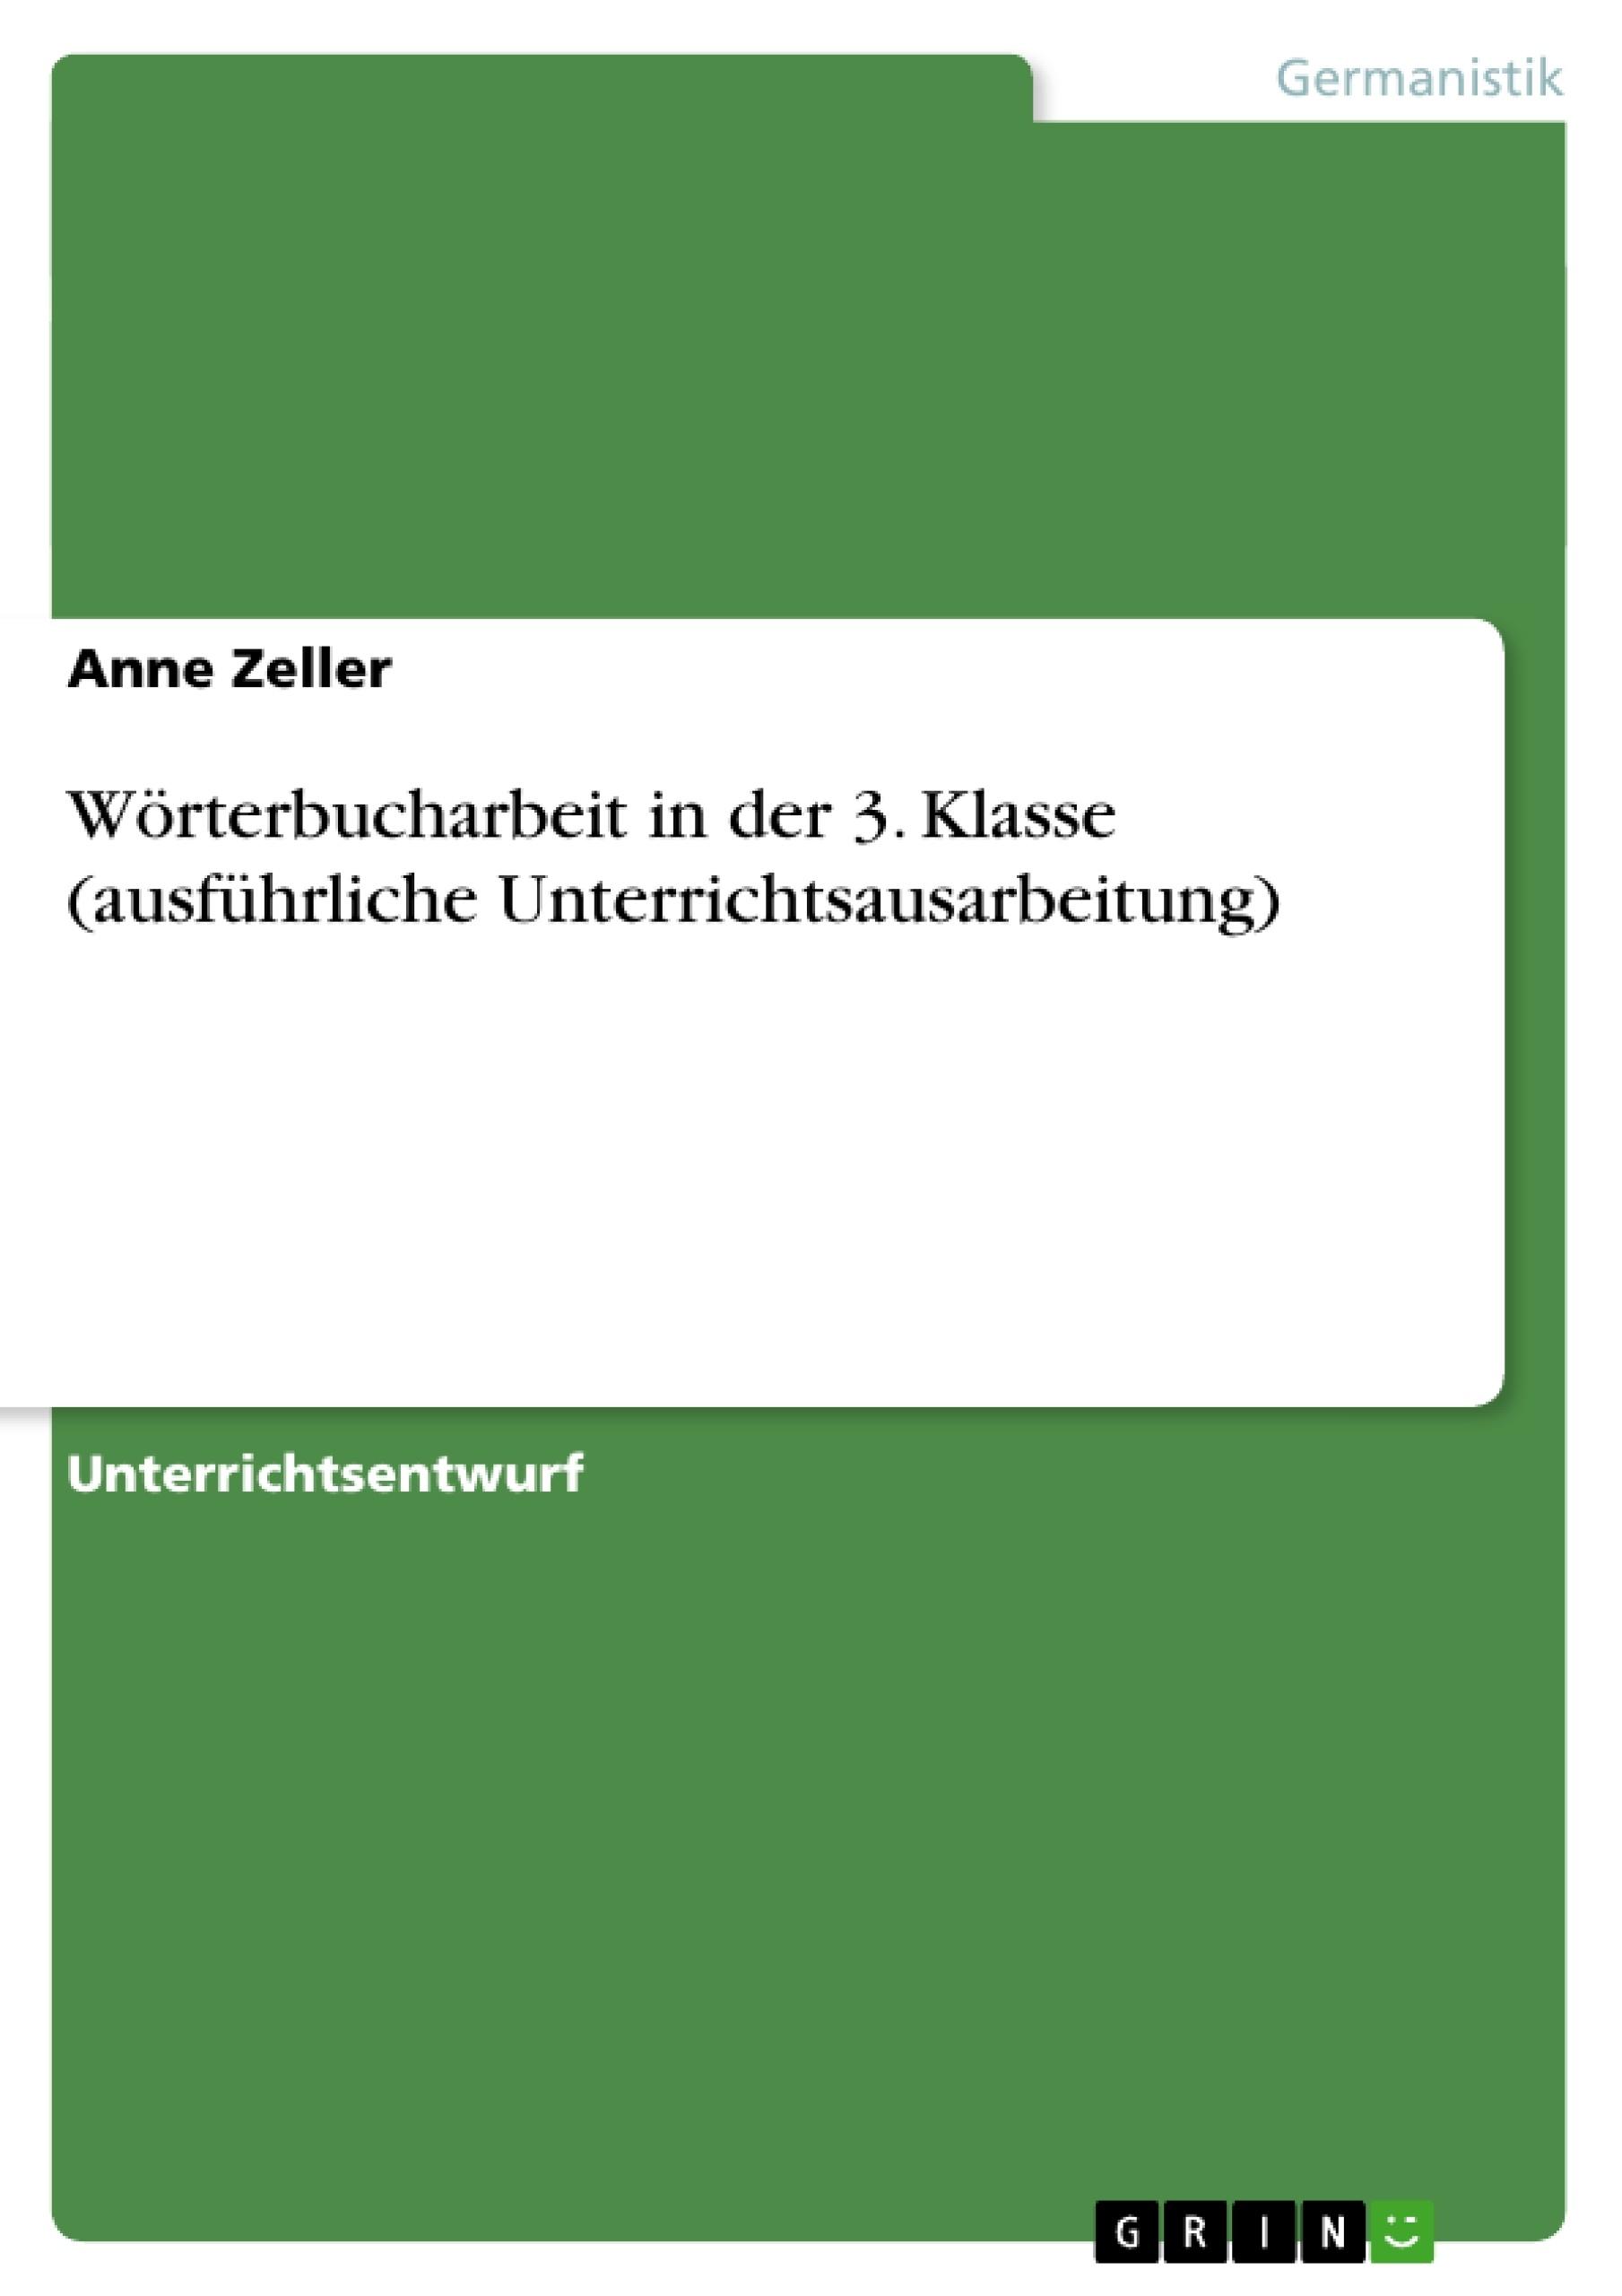 Wörterbucharbeit in der 3. Klasse (ausführliche ... | Masterarbeit ...